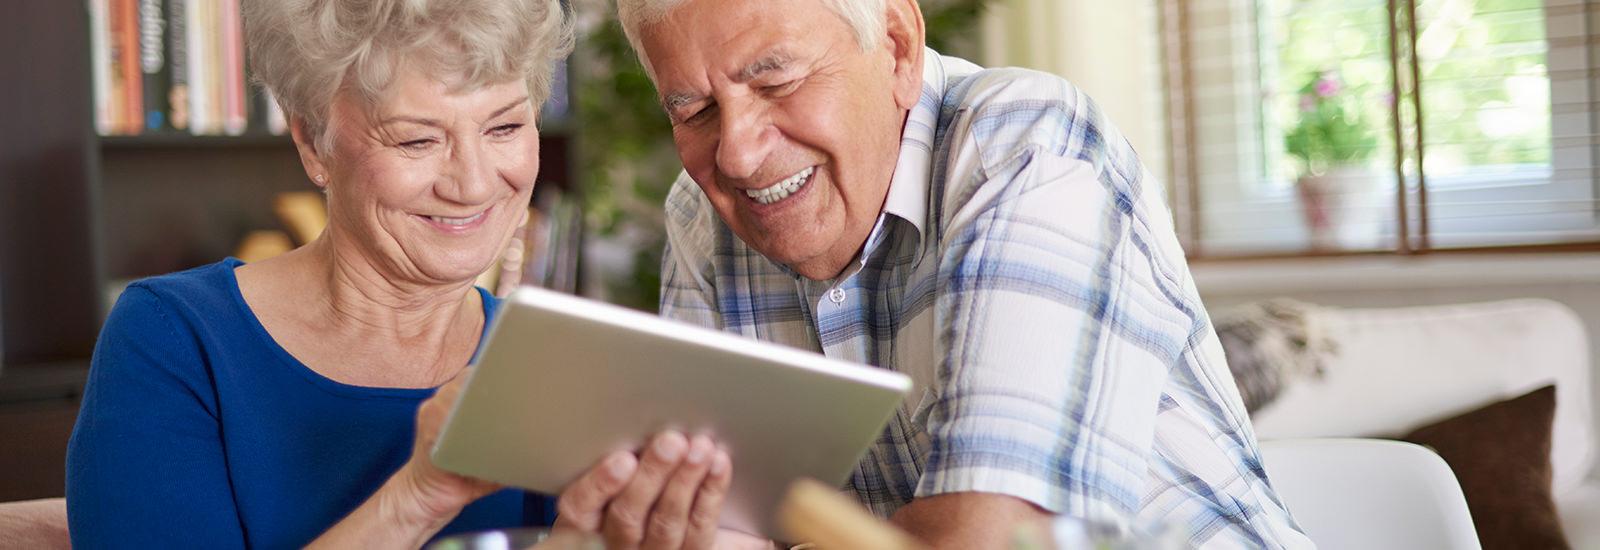 子どもの写真を祖父母にカンタン共有! オススメ「親孝行サービス」3選 | PreBell